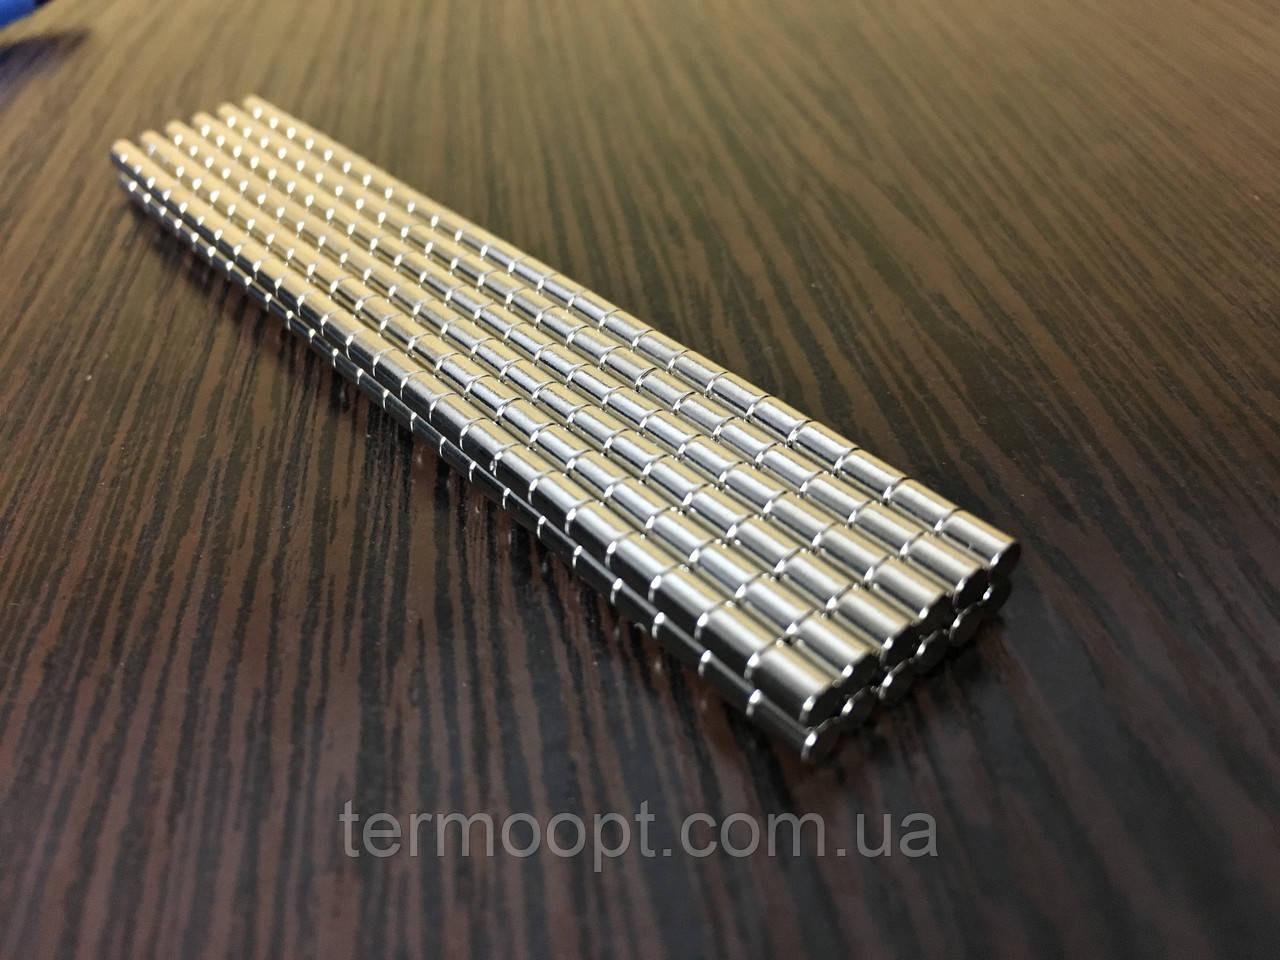 Неодимовый магнит 3 х 2 мм. (на 0,22 кг) N42. Польша.